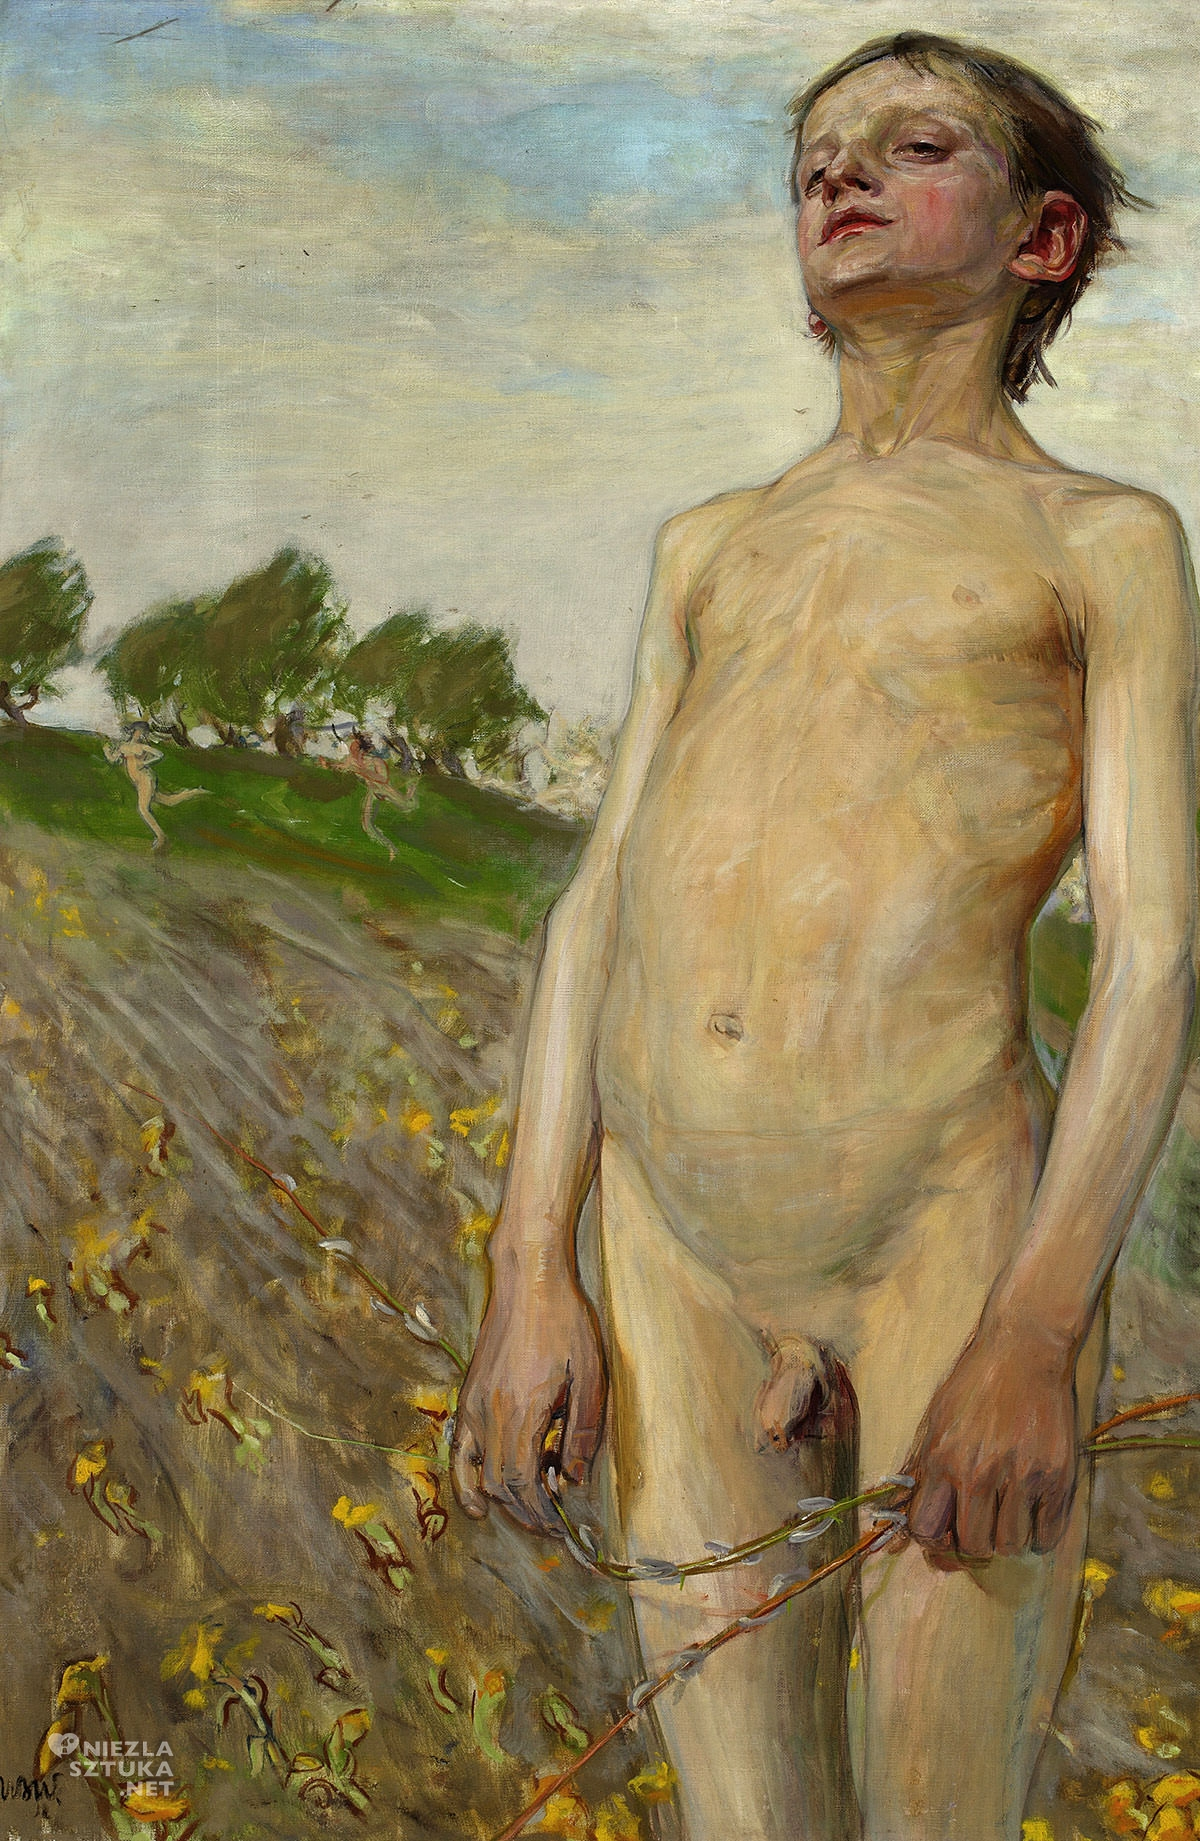 Wojciech Weiss, malarz polski, malarstwo polskie, sztuka polska, Wiosna, akt, chłopiec, Niezła sztuka